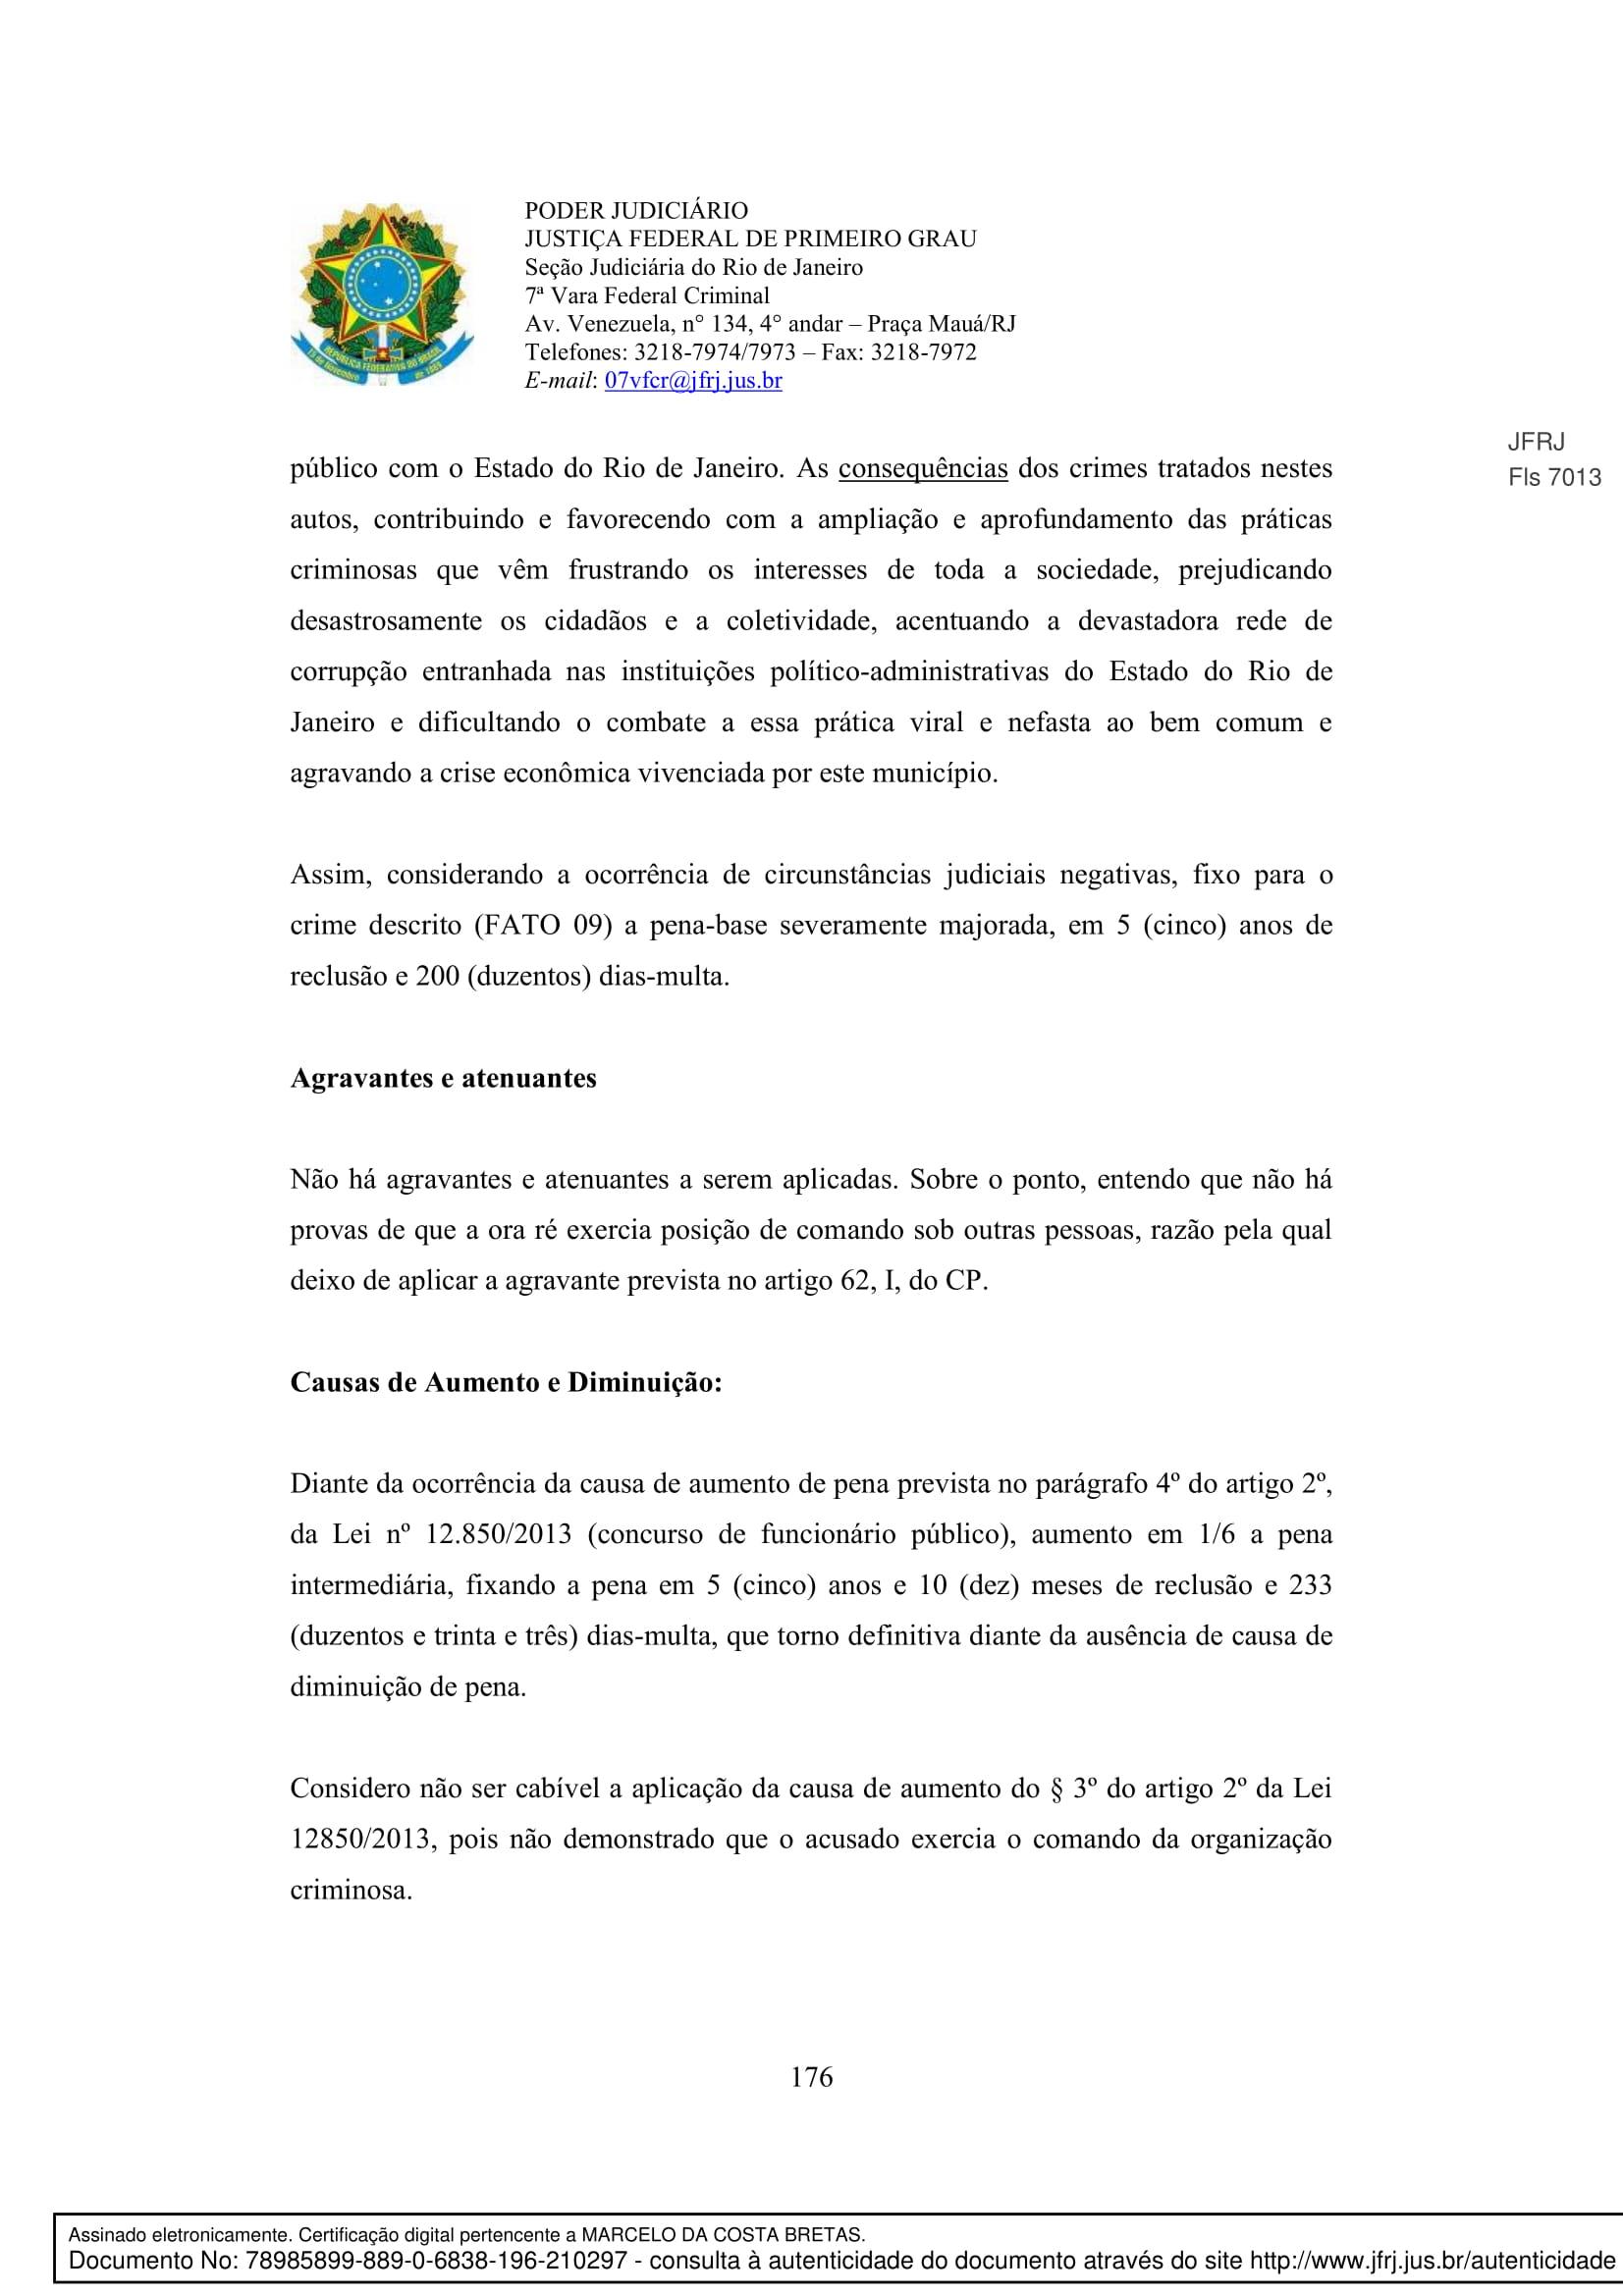 Sentenca-Cadeia-Velha-7VFC-176